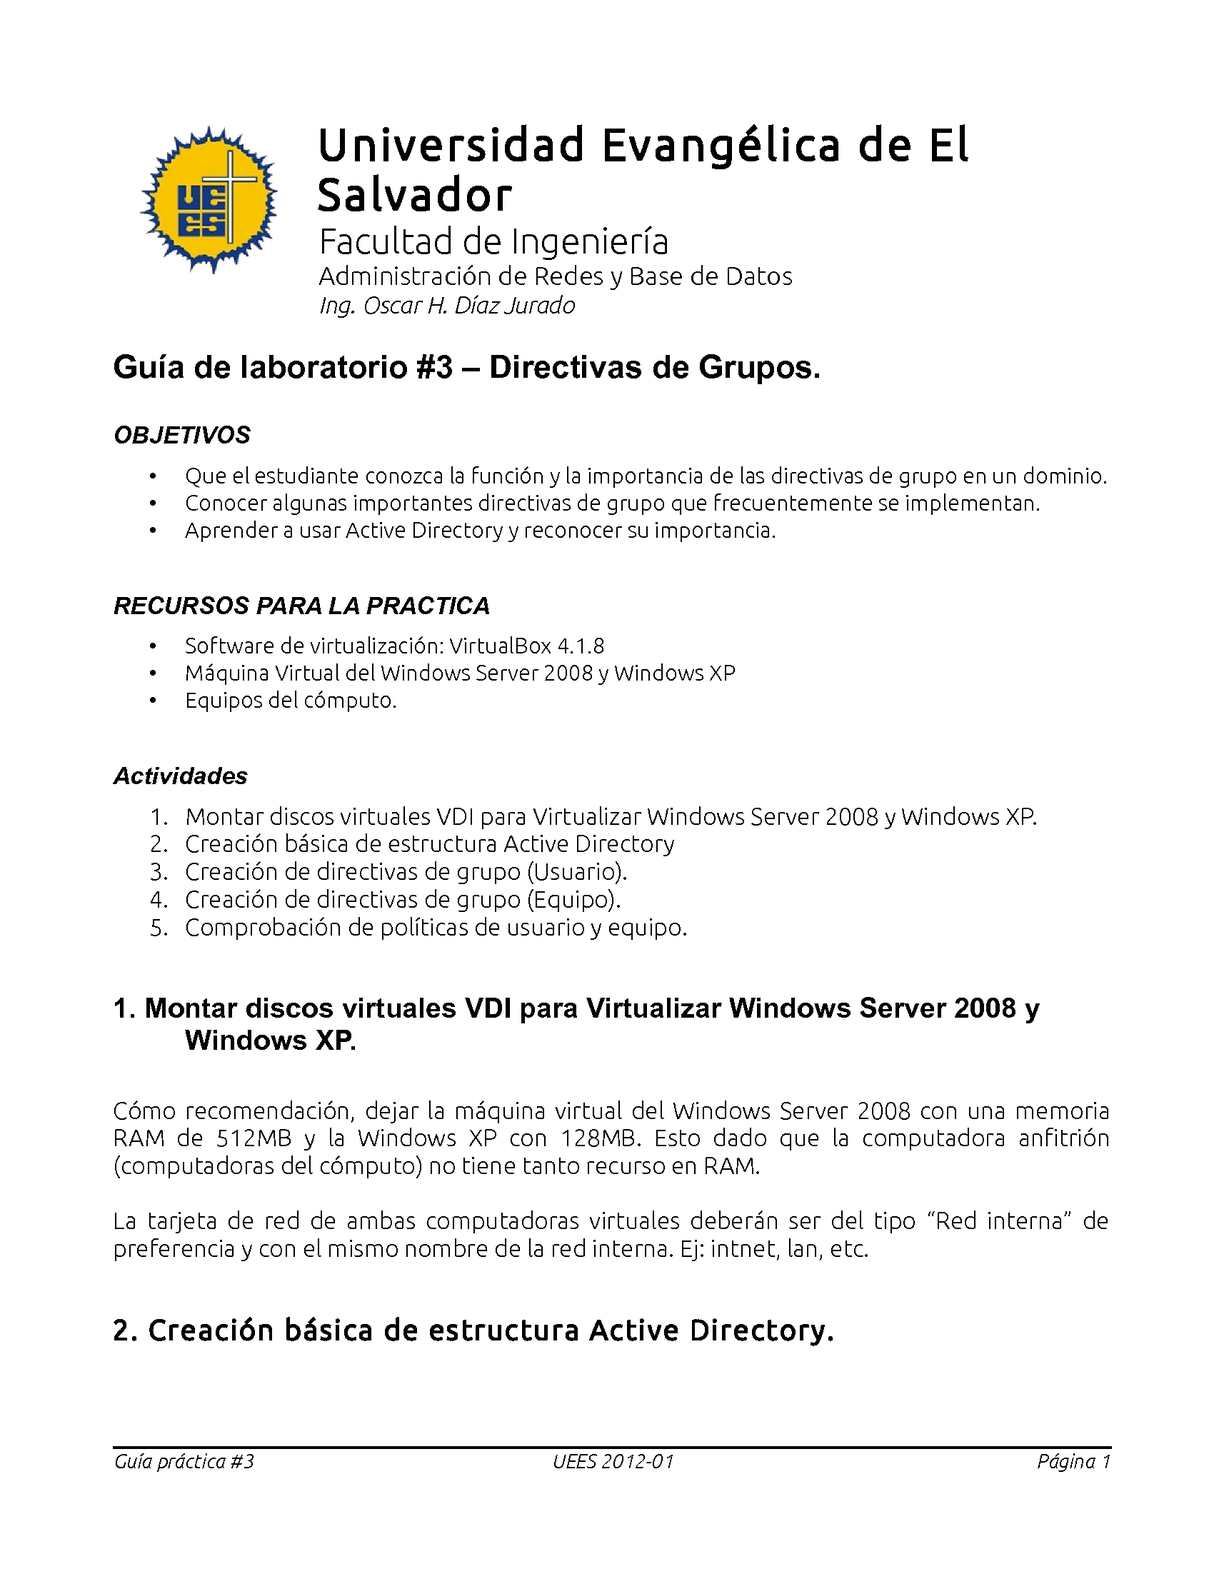 Calaméo Directivas De Grupo En Windows Server 2008